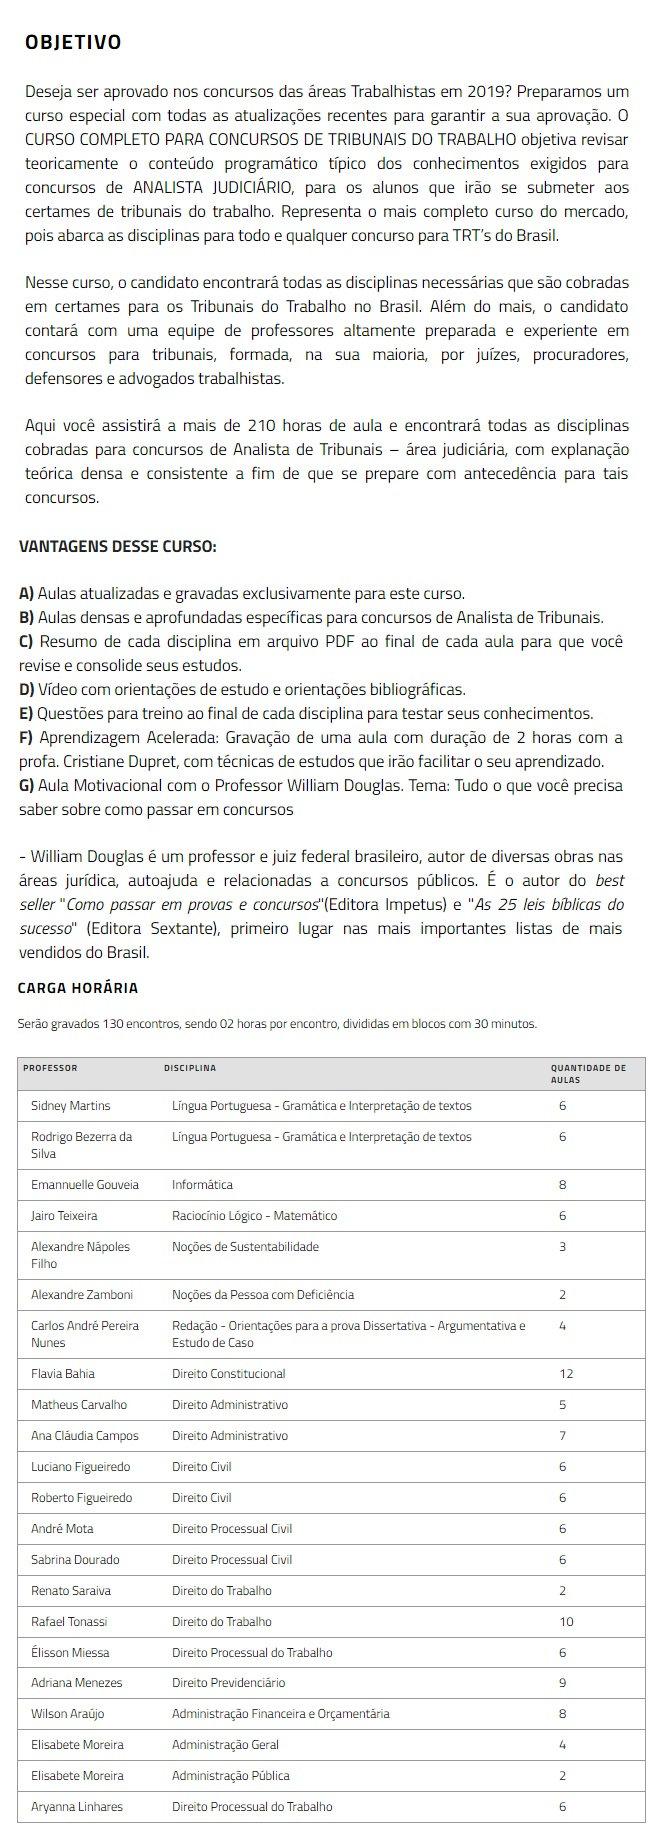 Analista Tribunais do Trabalho2.jpg